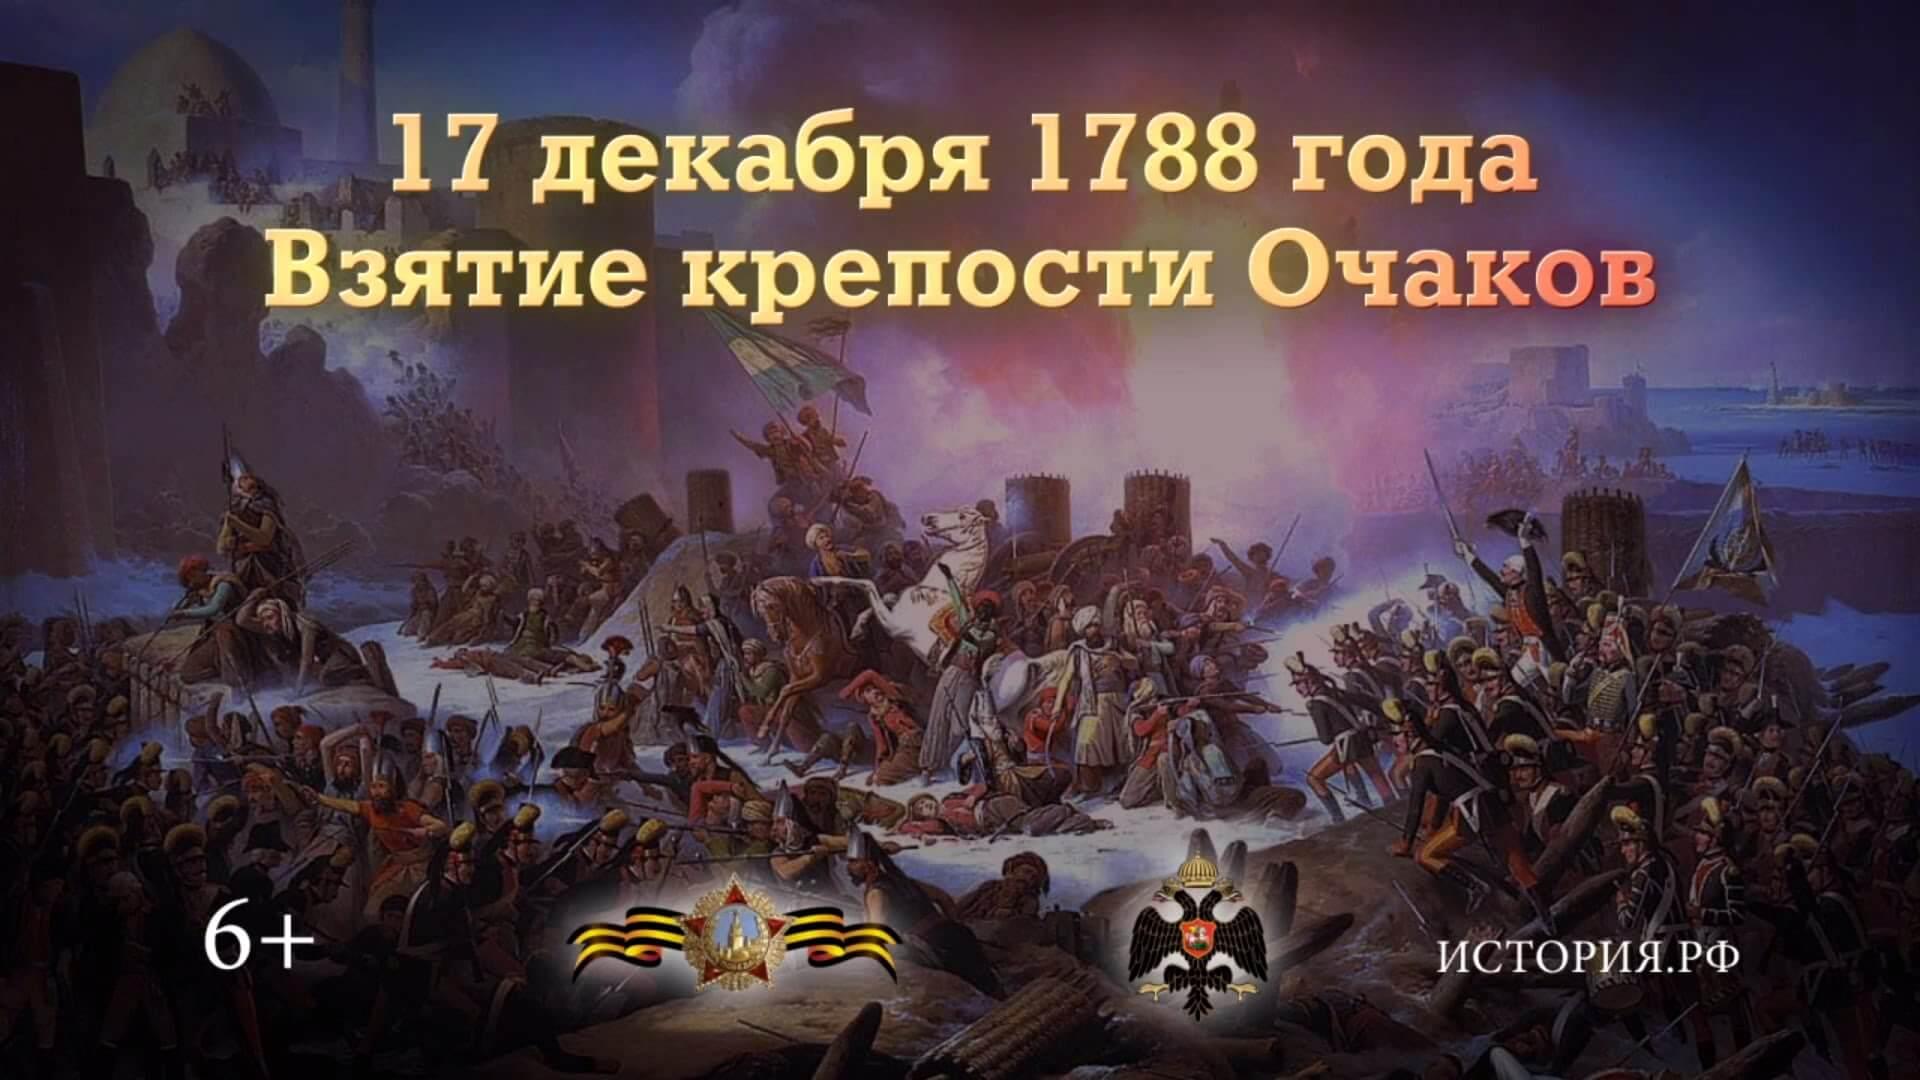 17 декабря1788 года Взятие крепости Очаков